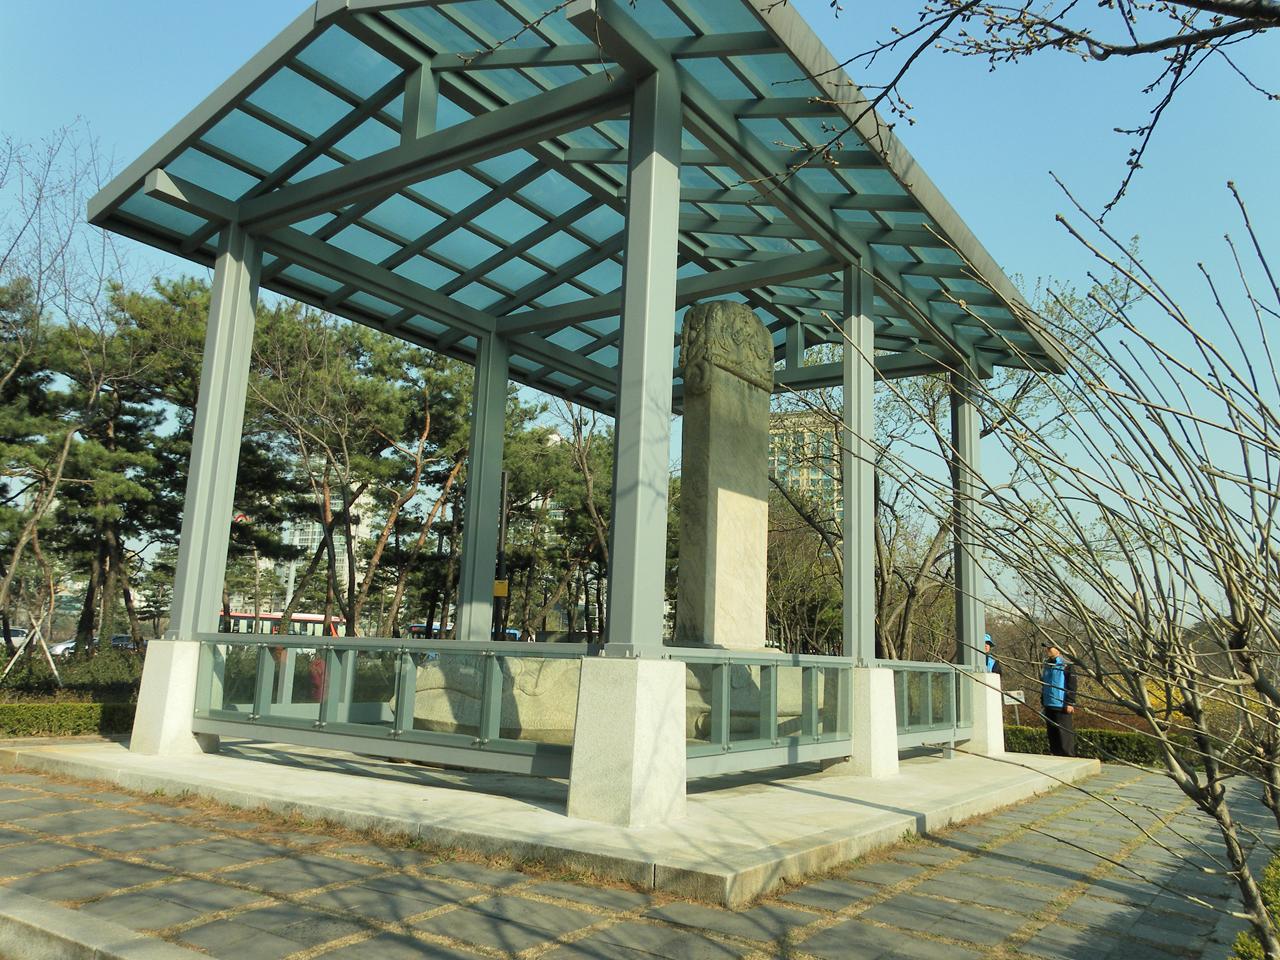 인조정권이 친청나라 노선으로 돌아섰음을 웅변하고 있는 삼전도비. 서울시 송파구 석촌호수 가에 있다.